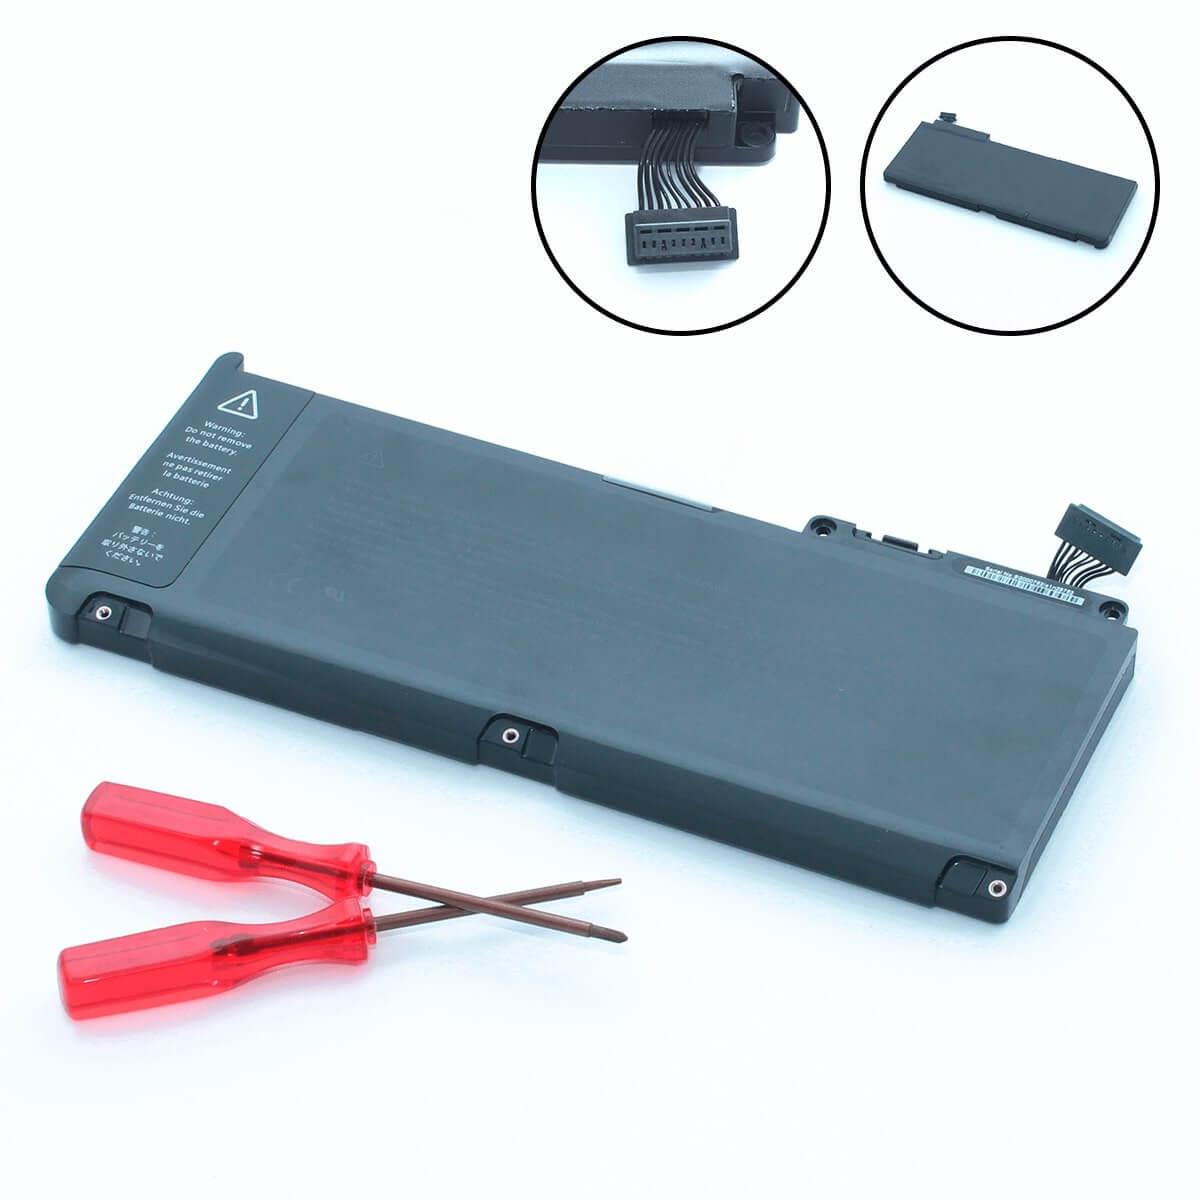 батарея для macbook 13 2010 a1331, батарея для a1342